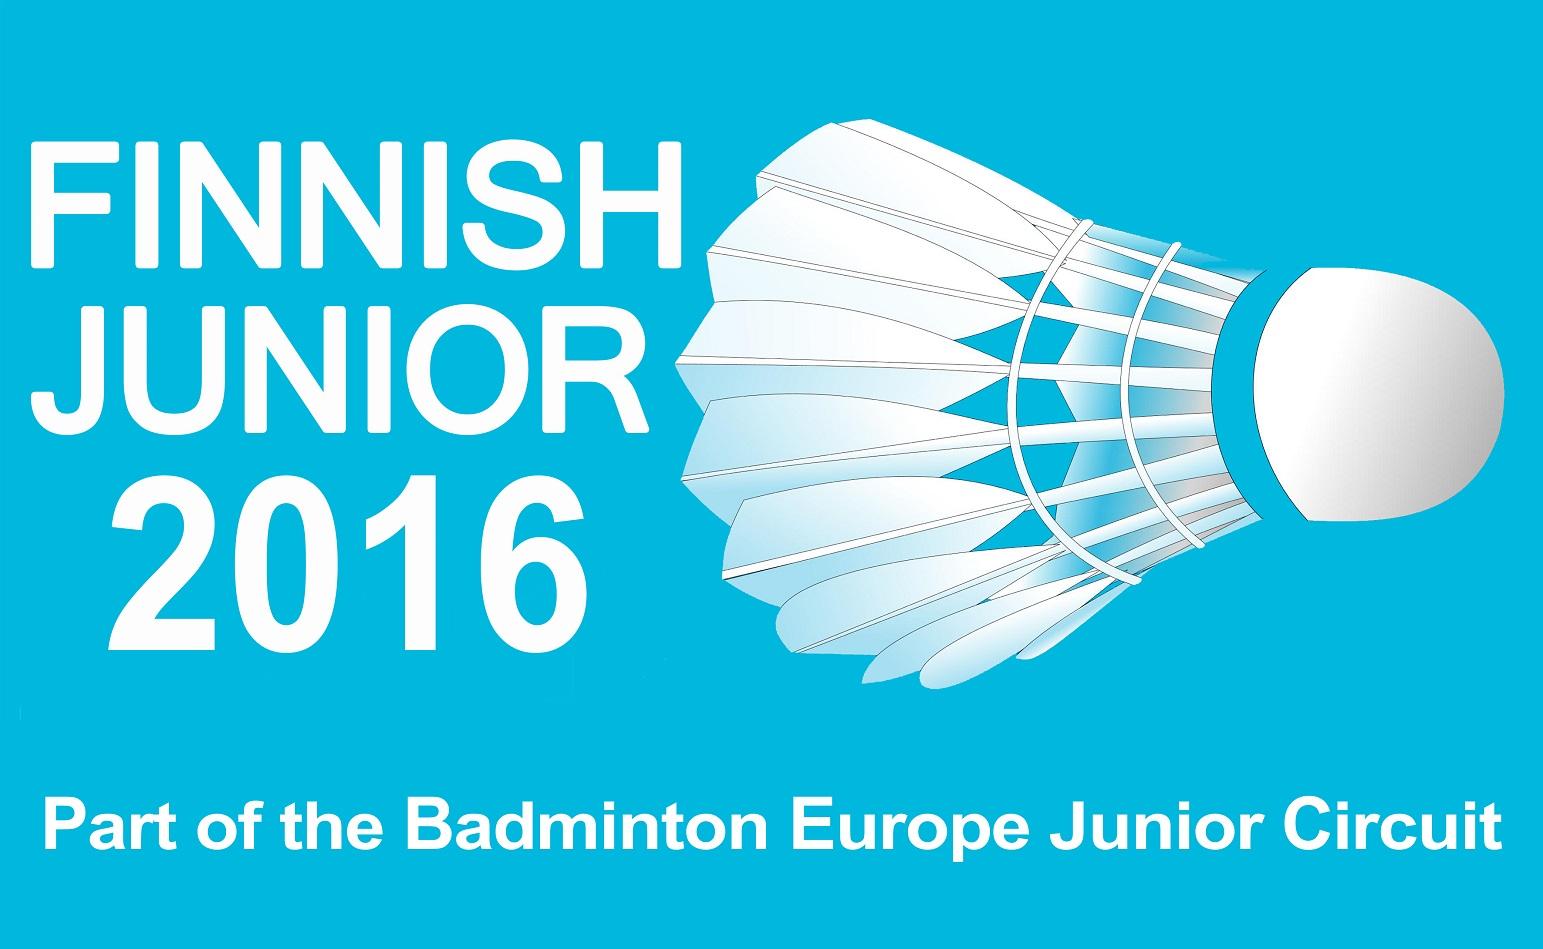 Finnish Junior 2016 logo